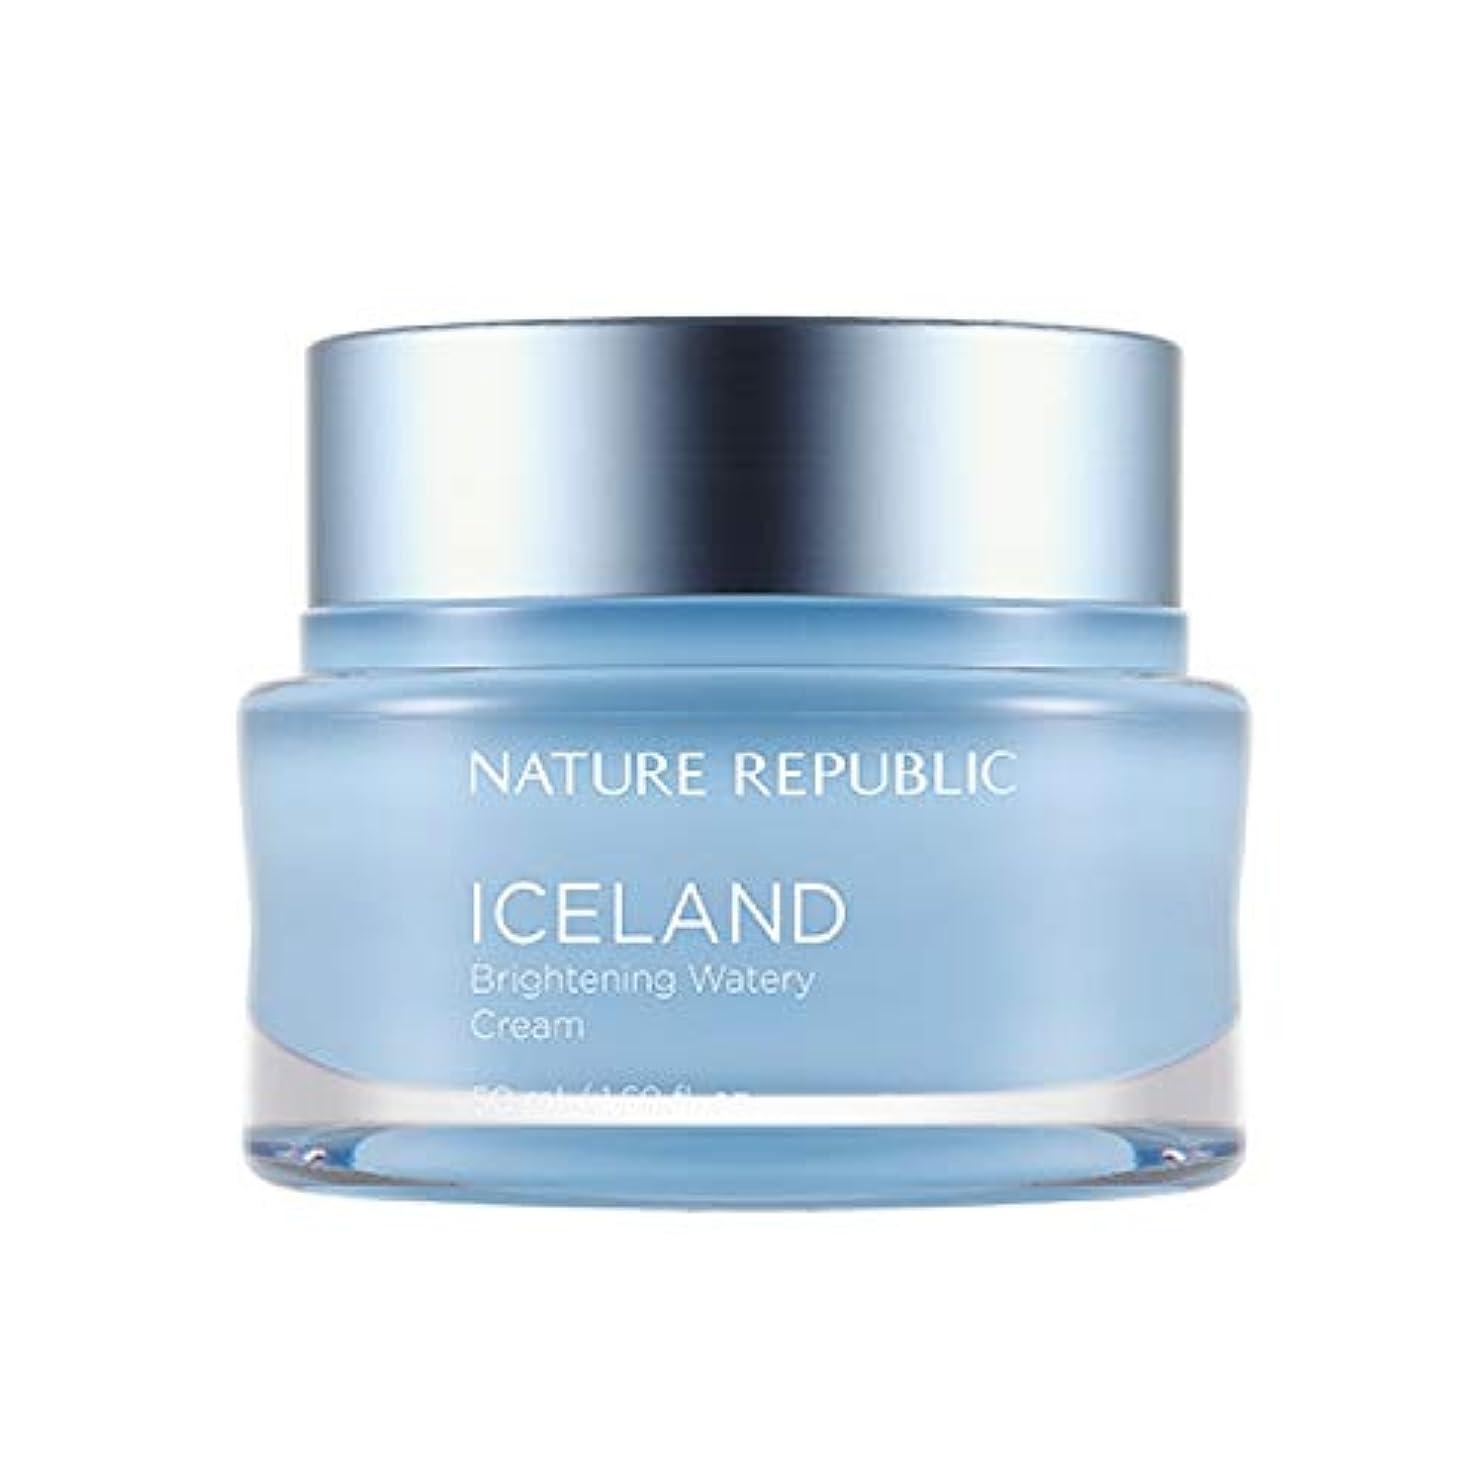 意味のあるセラフハックネイチャーリパブリック(Nature Republic)アイスブライトニング水分クリーム 50ml / Iceland Brightening Watery Cream 50ml :: 韓国コスメ [並行輸入品]